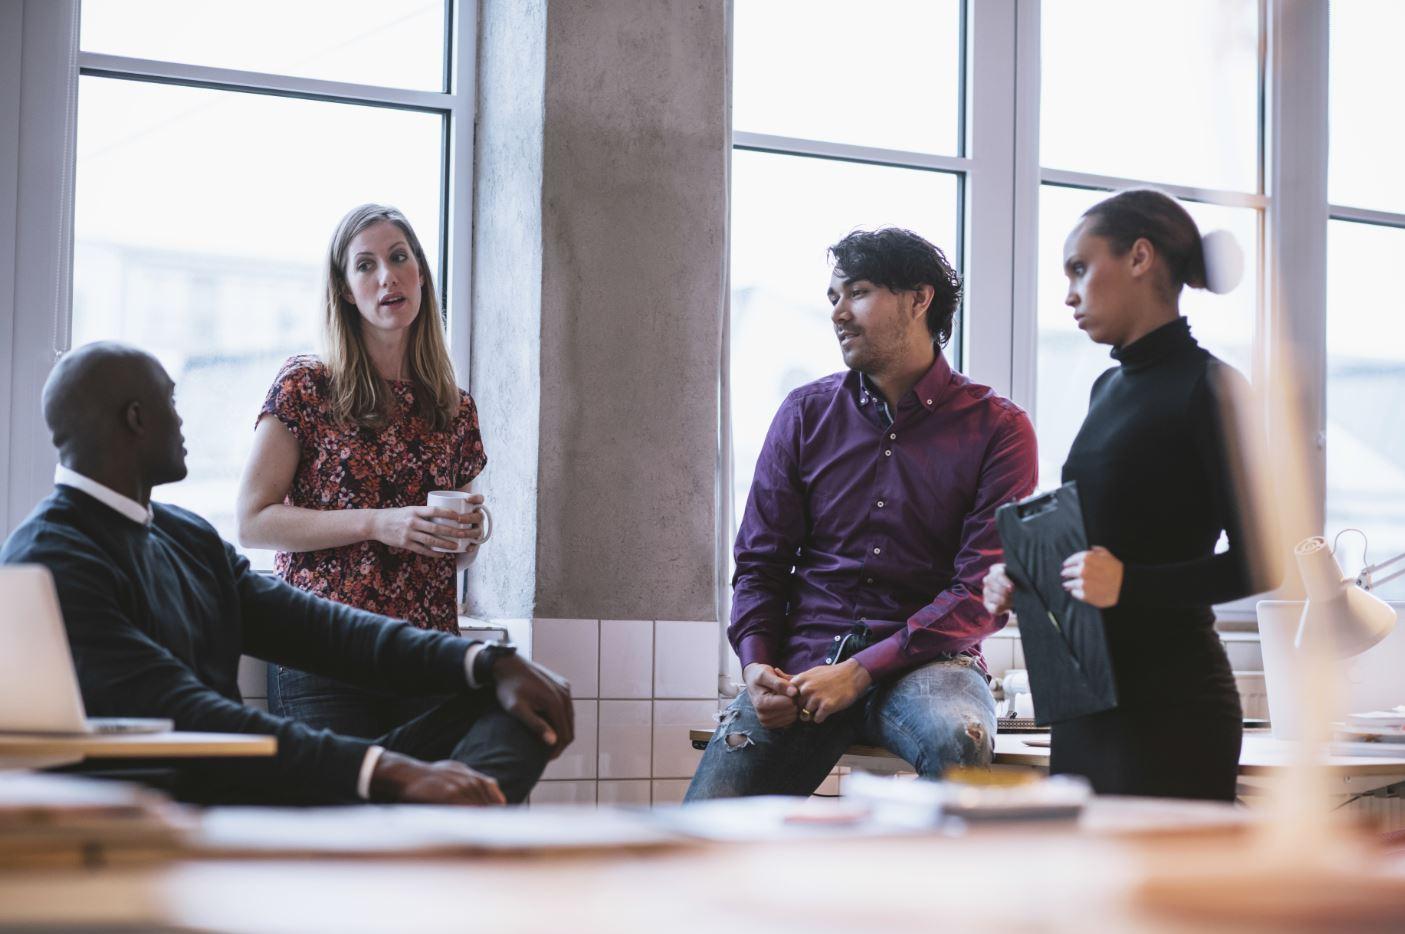 Coworker in team meeting - 1 part 7